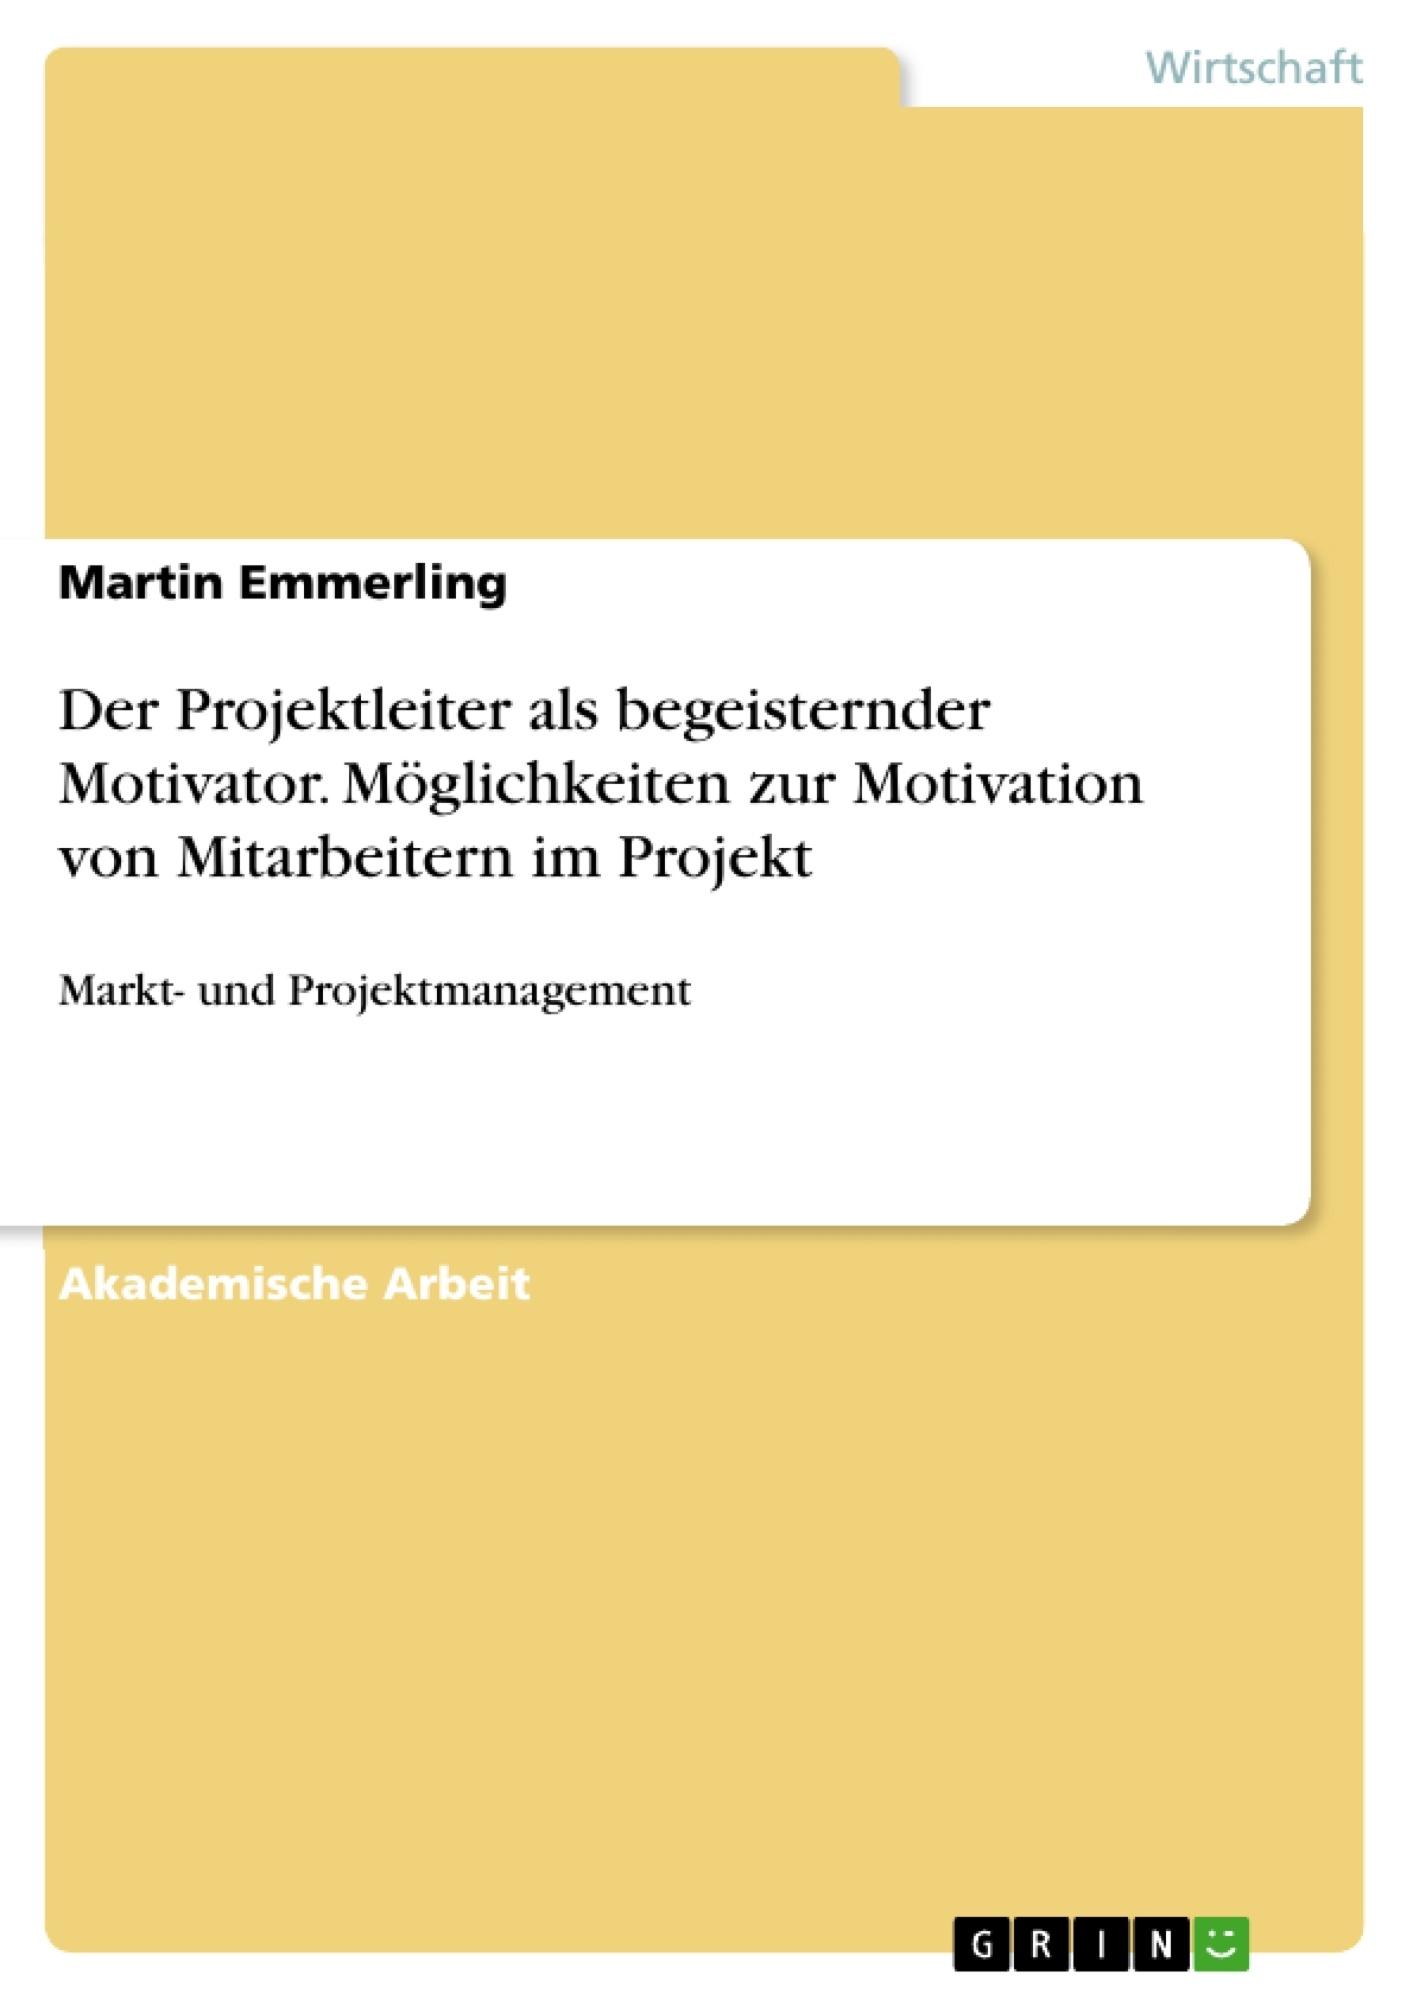 Titel: Der Projektleiter als begeisternder Motivator. Möglichkeiten zur Motivation von Mitarbeitern im Projekt